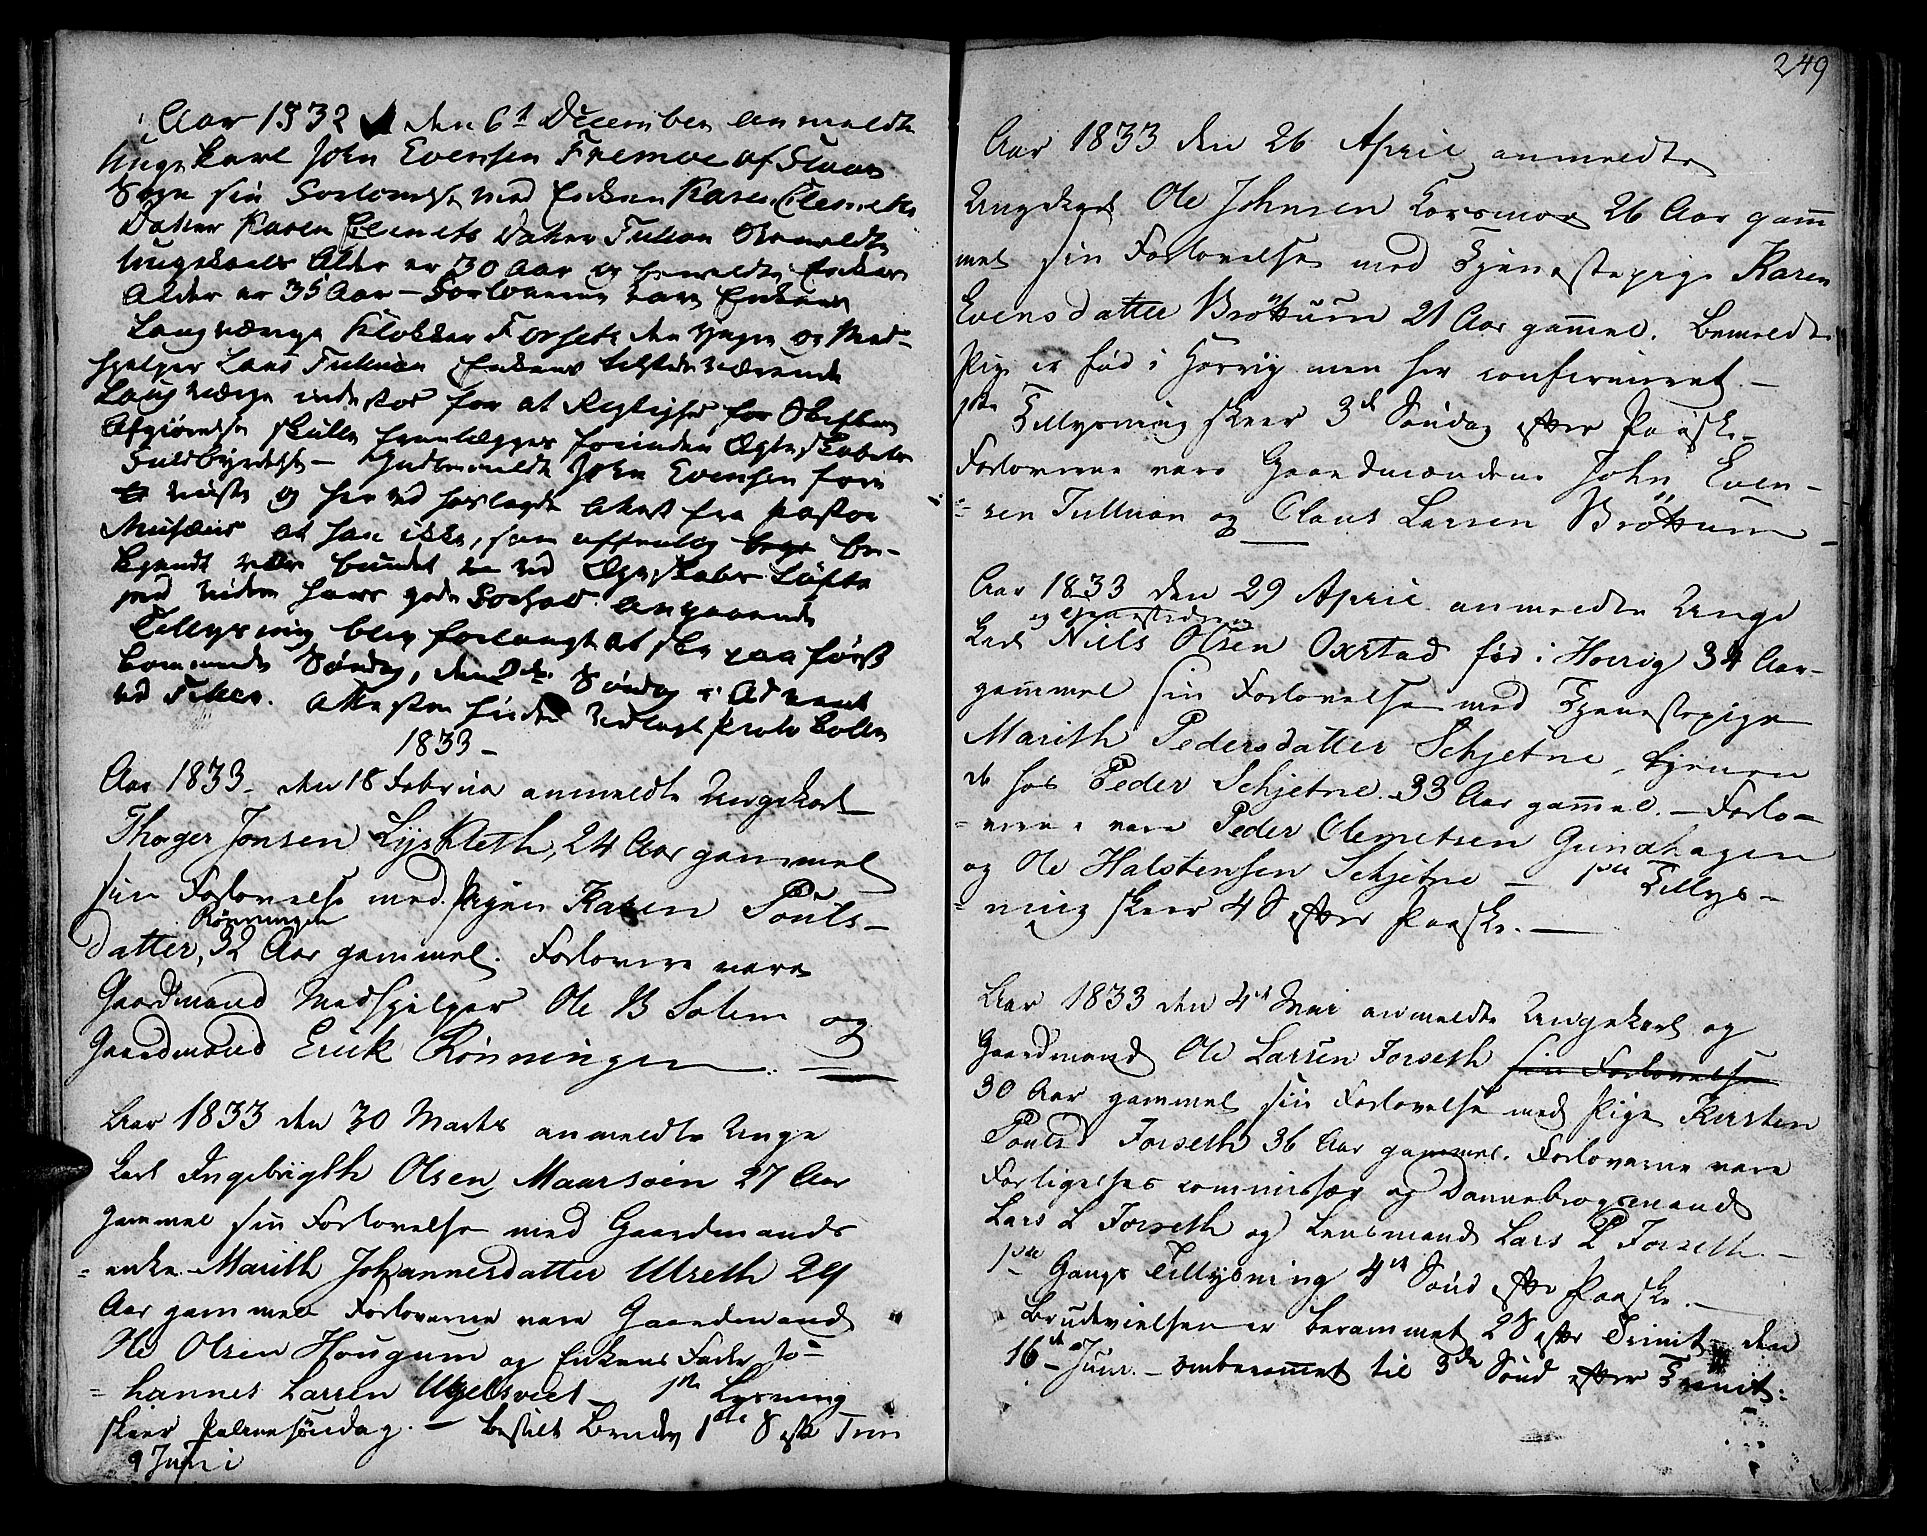 SAT, Ministerialprotokoller, klokkerbøker og fødselsregistre - Sør-Trøndelag, 618/L0438: Ministerialbok nr. 618A03, 1783-1815, s. 249